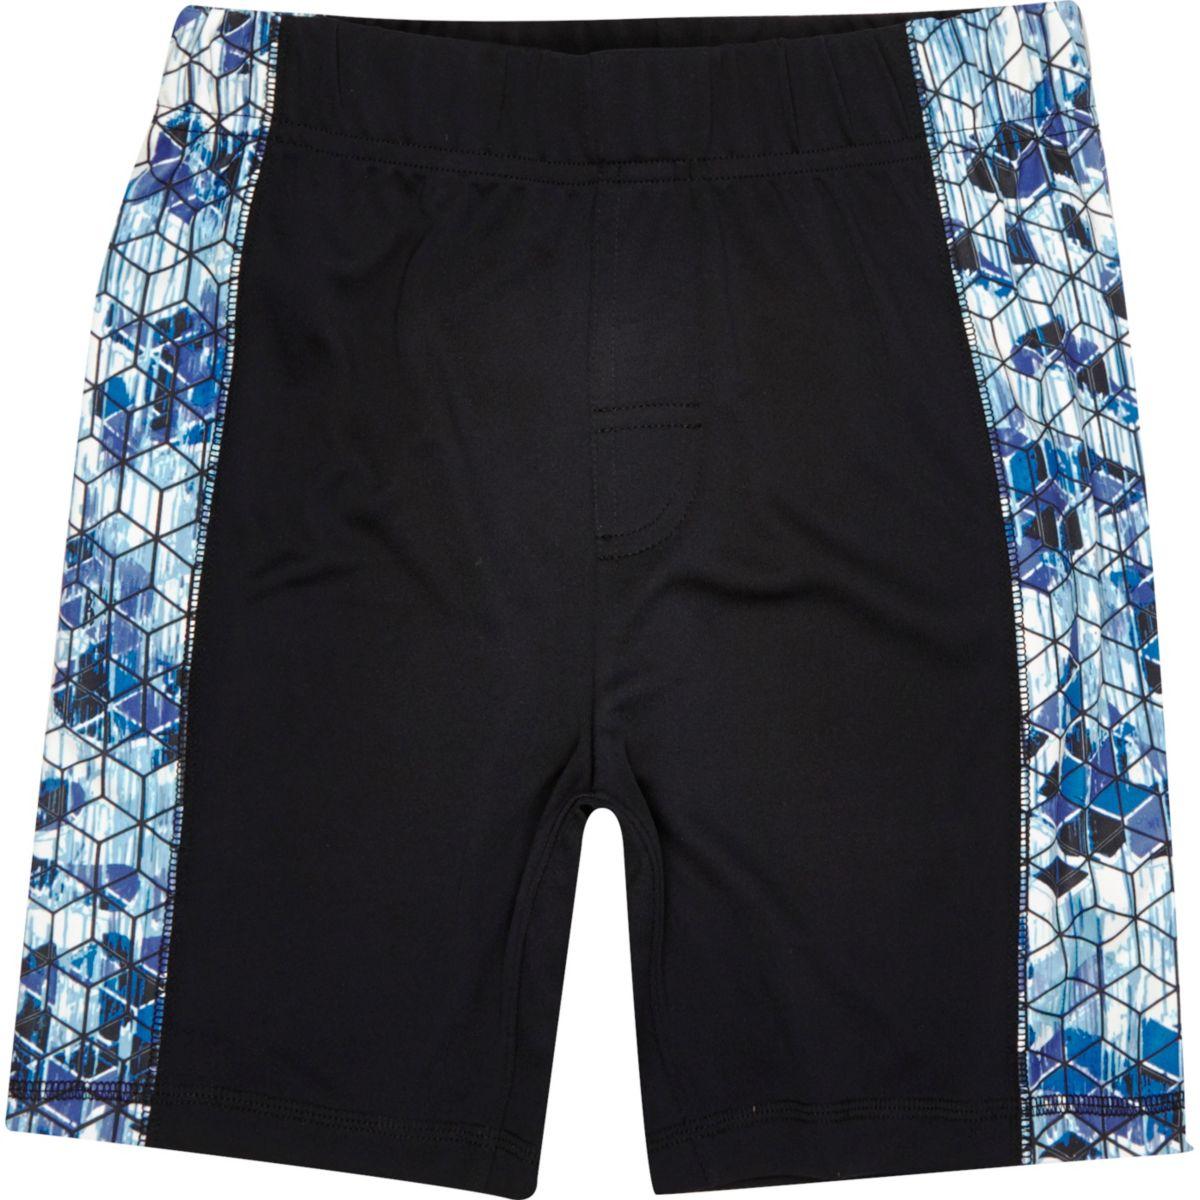 Boys RI Active black printed panel shorts